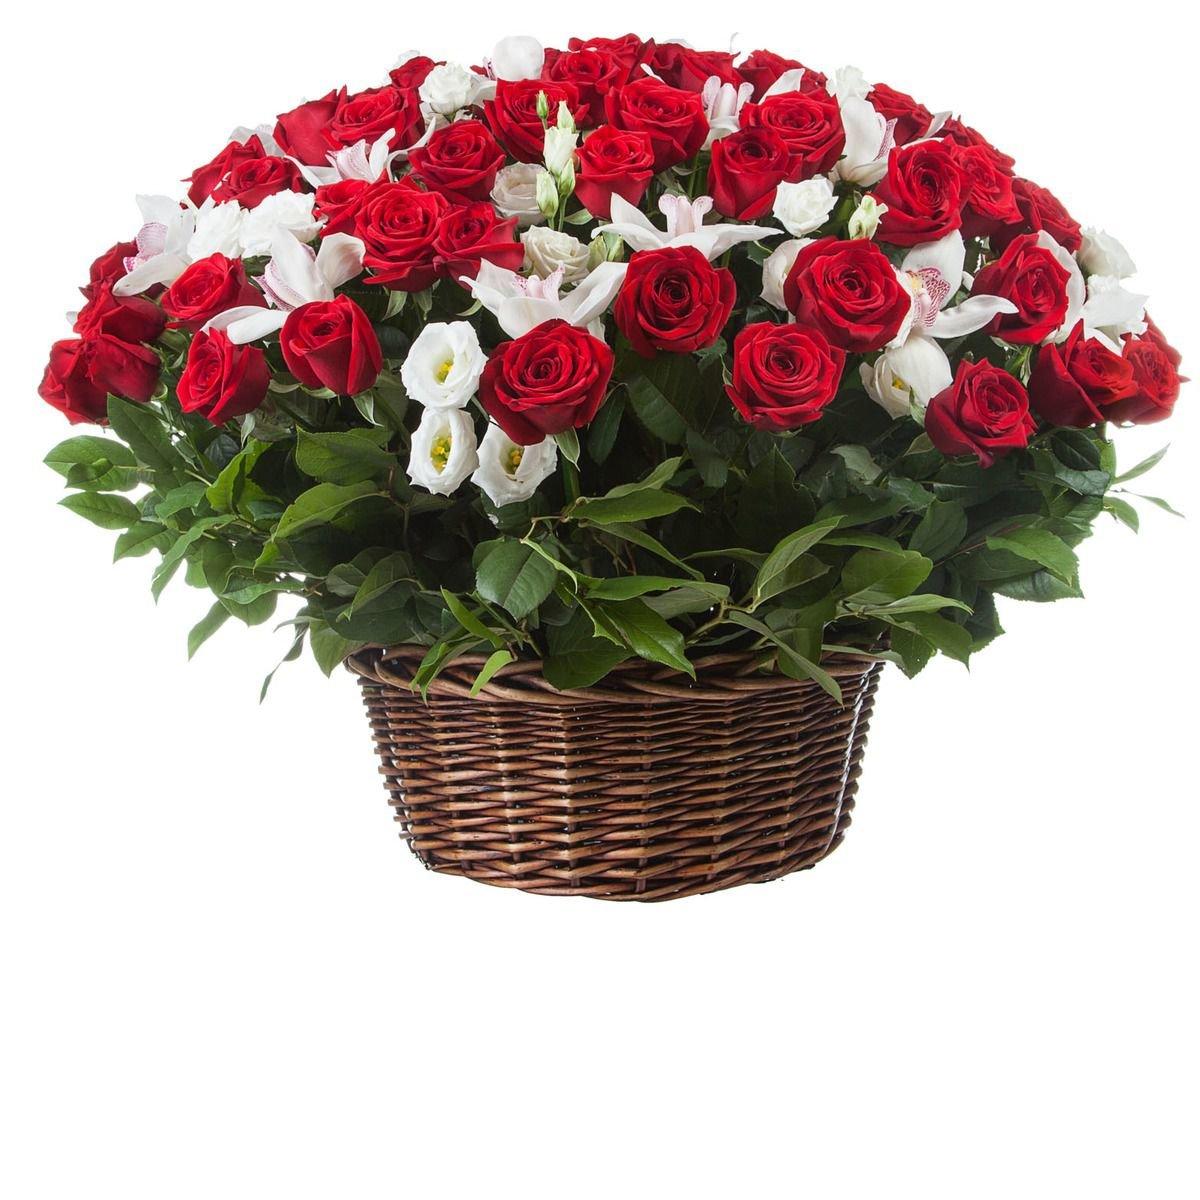 Матери открытки, цветы в корзине картинки красивые